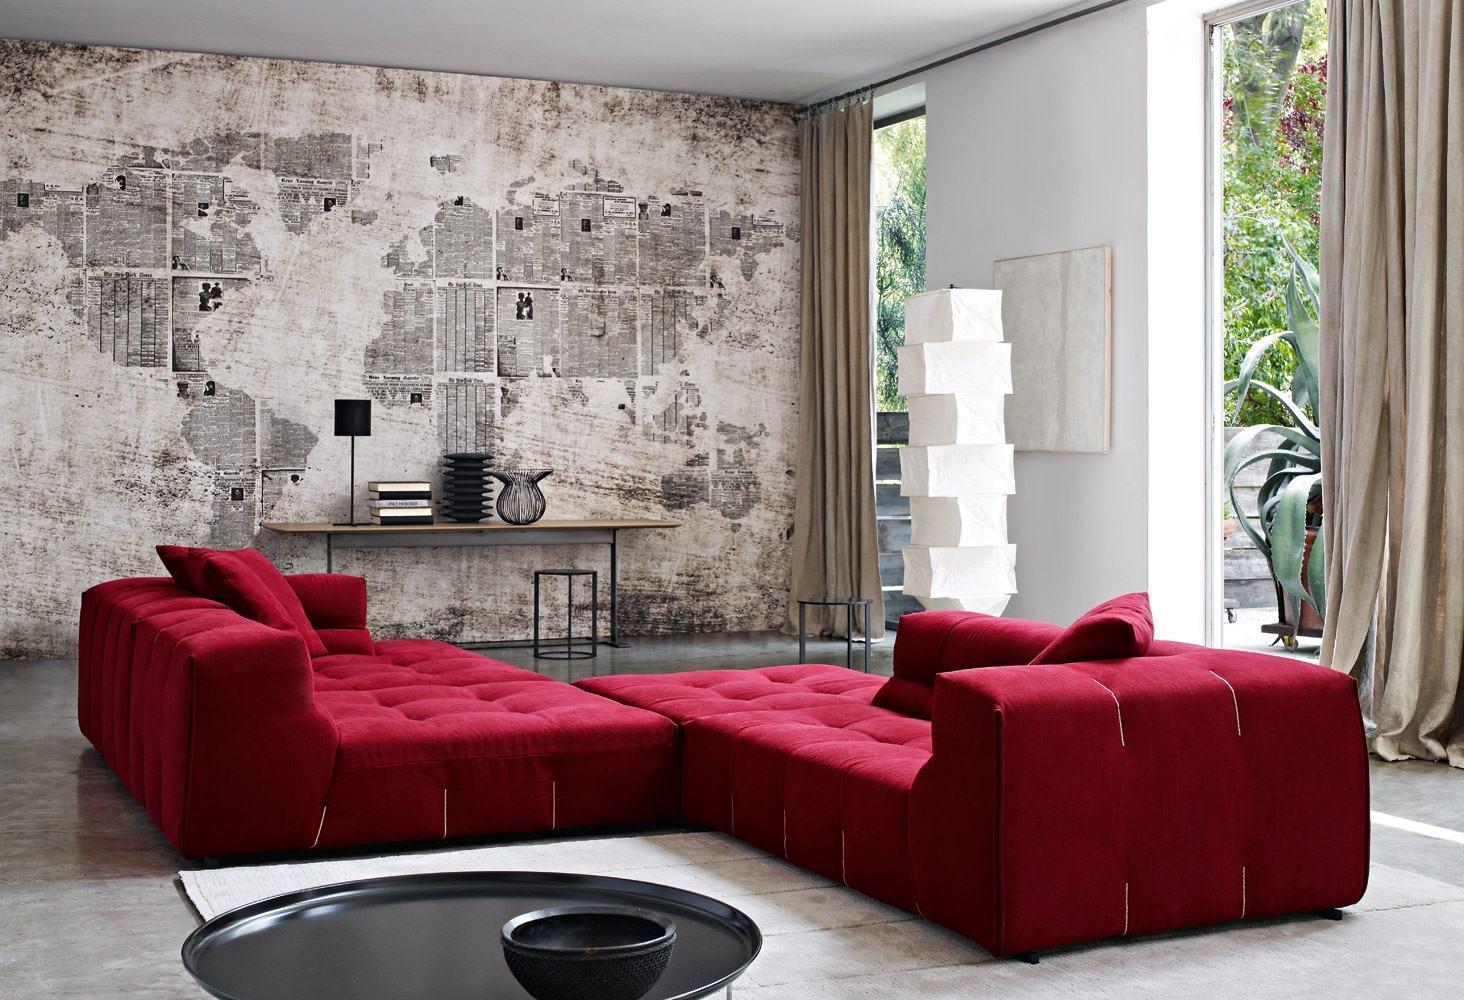 imagem u vermelho e cinza fazem a composio perfeita para uma sala de estar jovial